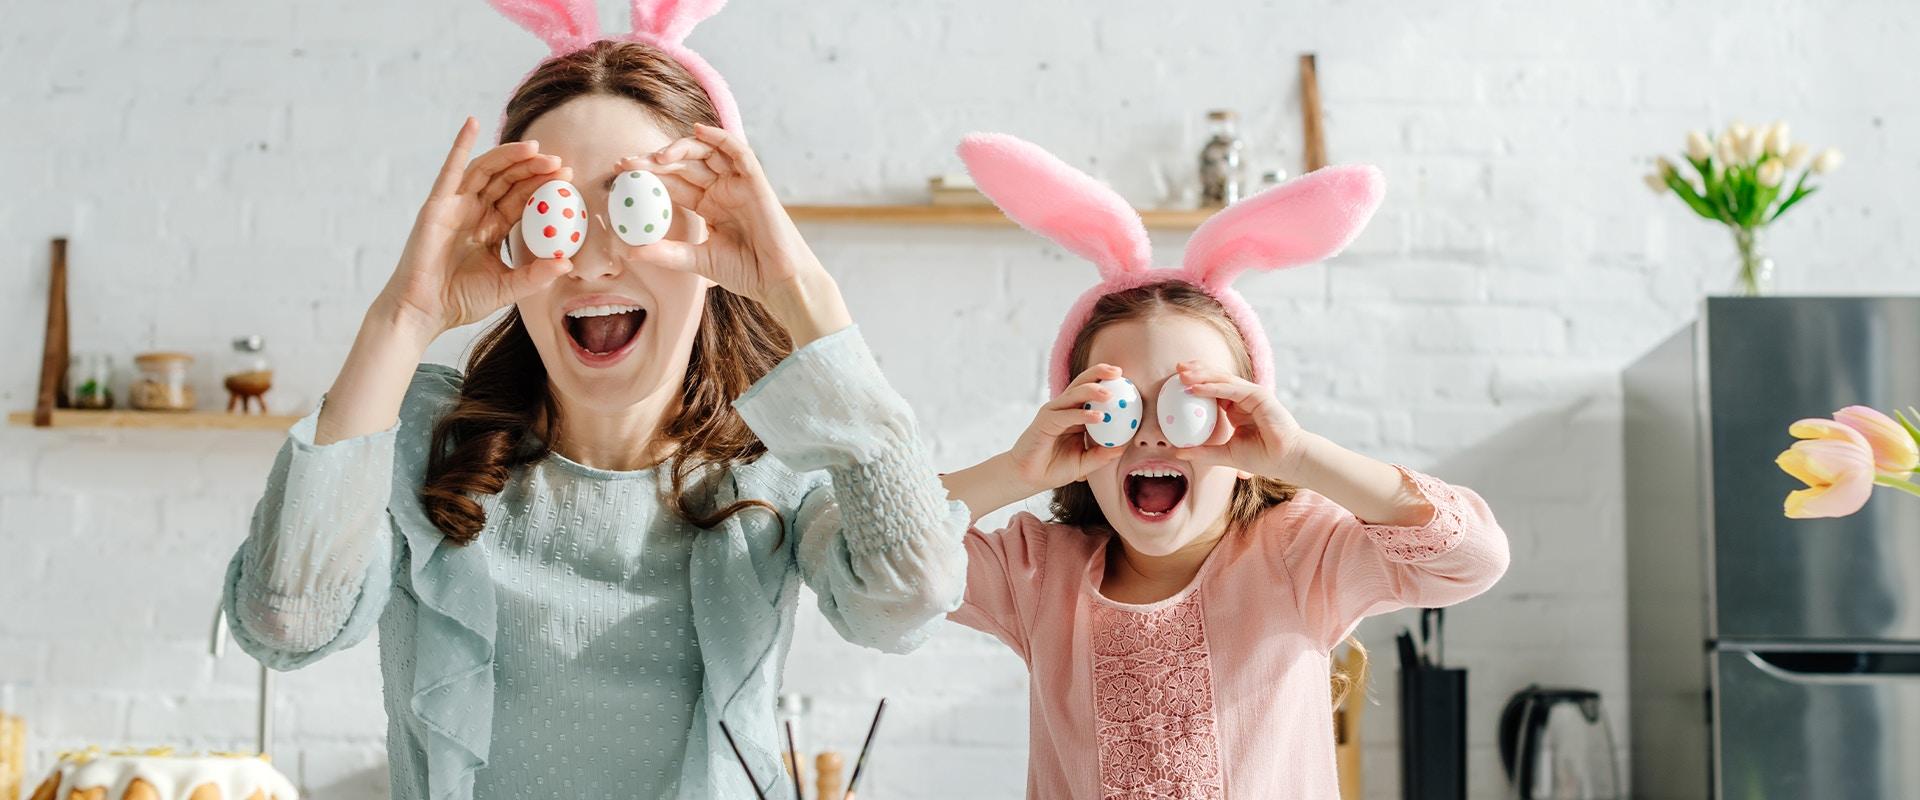 Eine Mutter und ihre Tochter tragen Hasenohren auf dem Kopf und halten sich bemalte Eier vor die Augen.